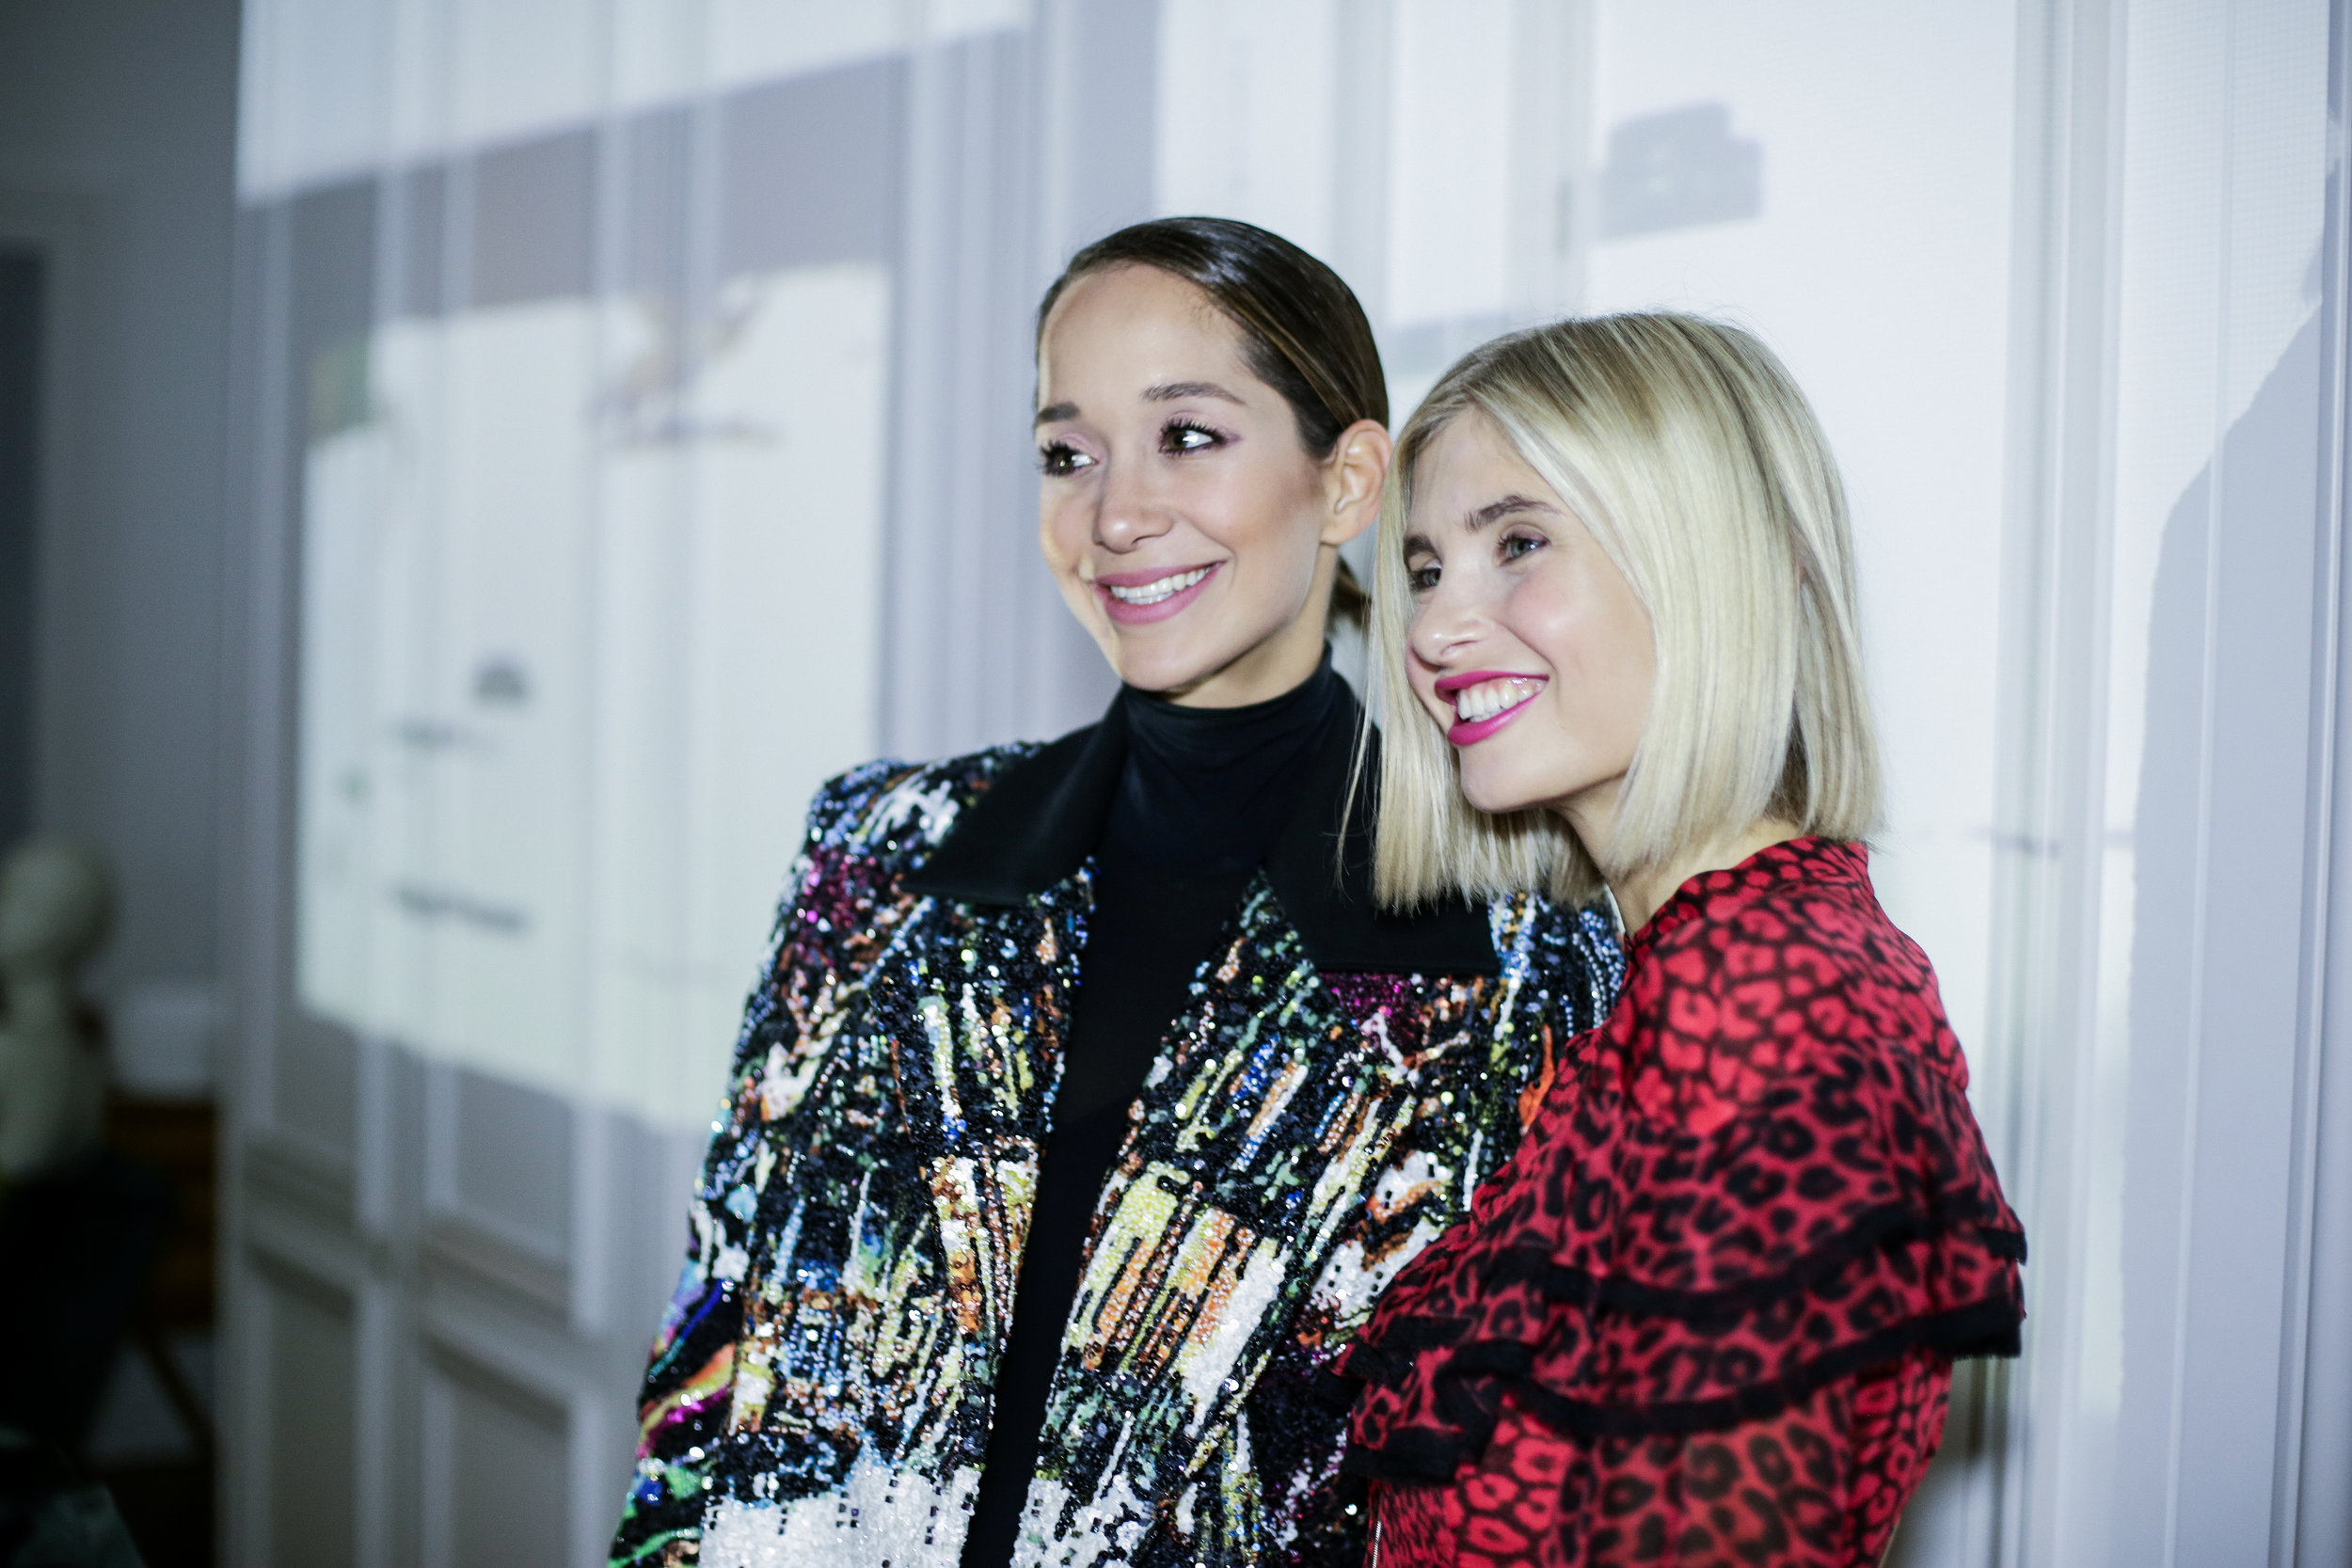 Lana El Sahely & Xenia Adonts.jpg